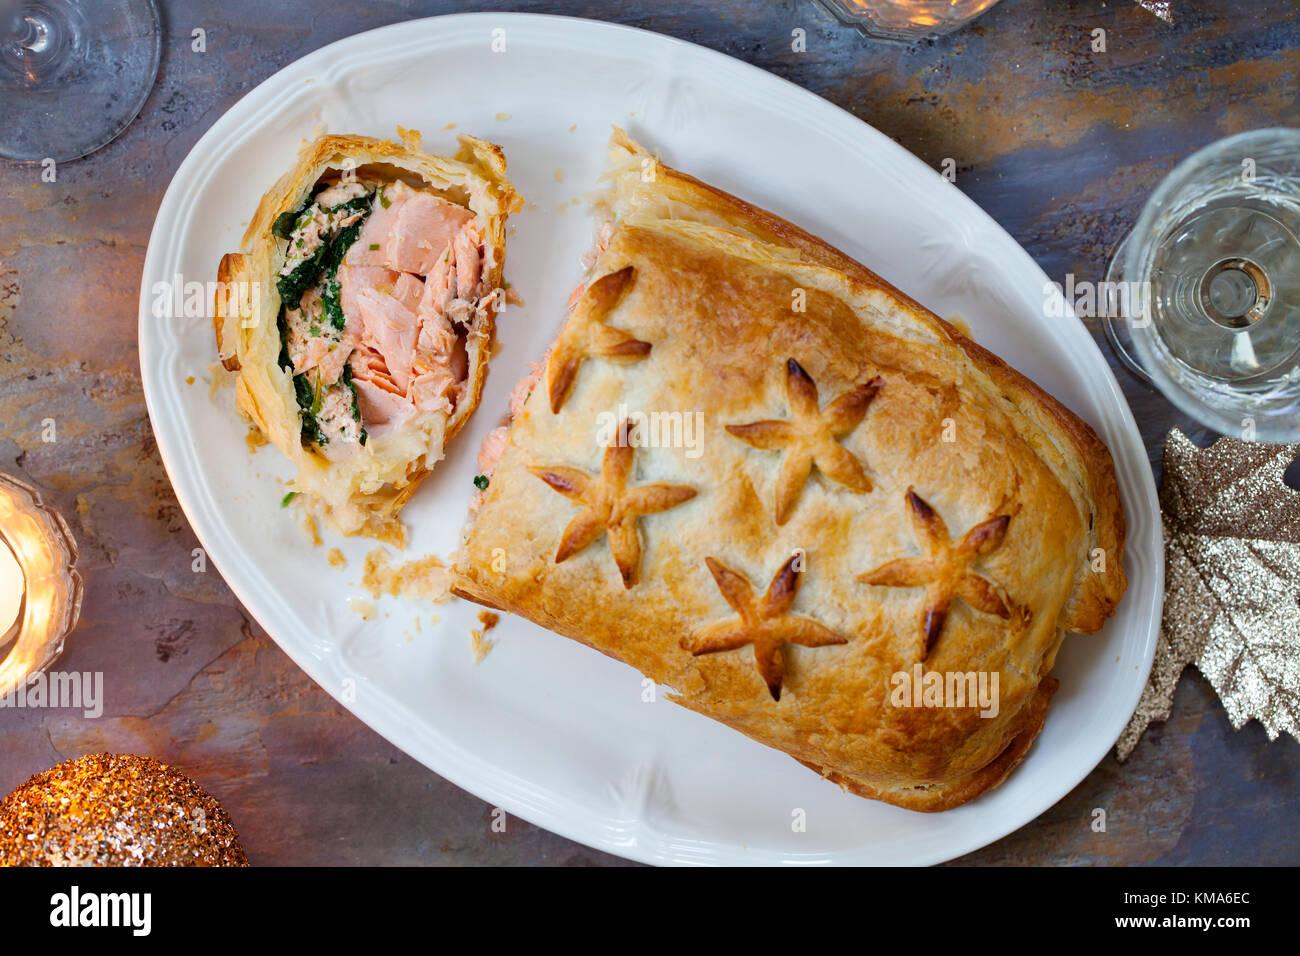 Saumon en croute Photo Stock